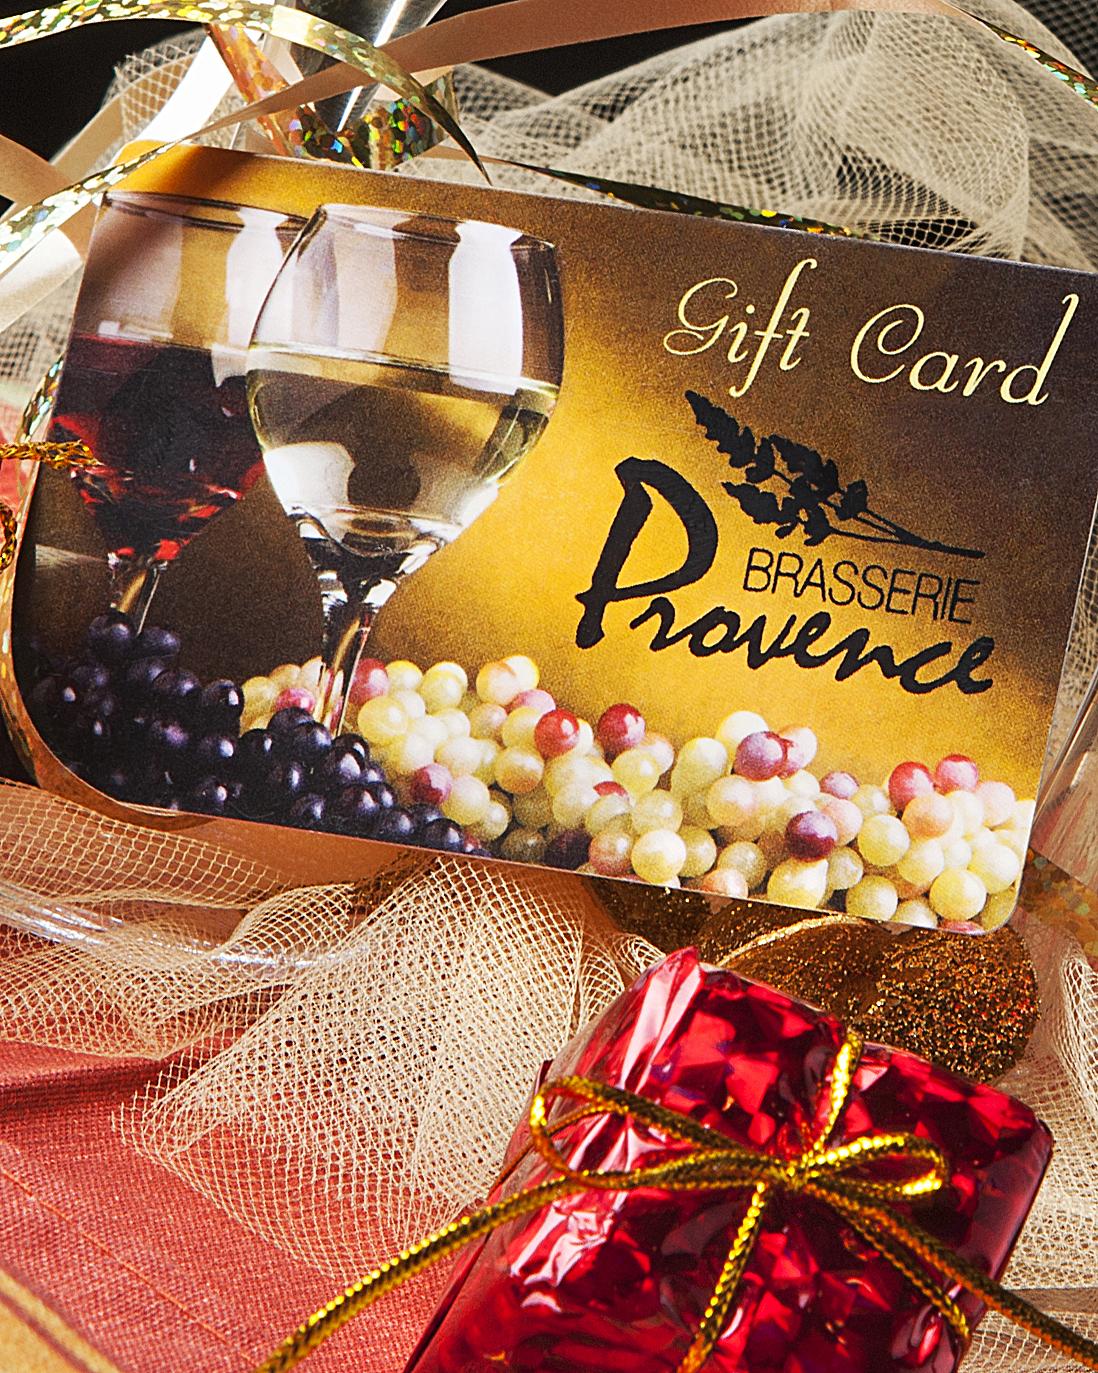 BrasserieProvenceGiftCard.jpg